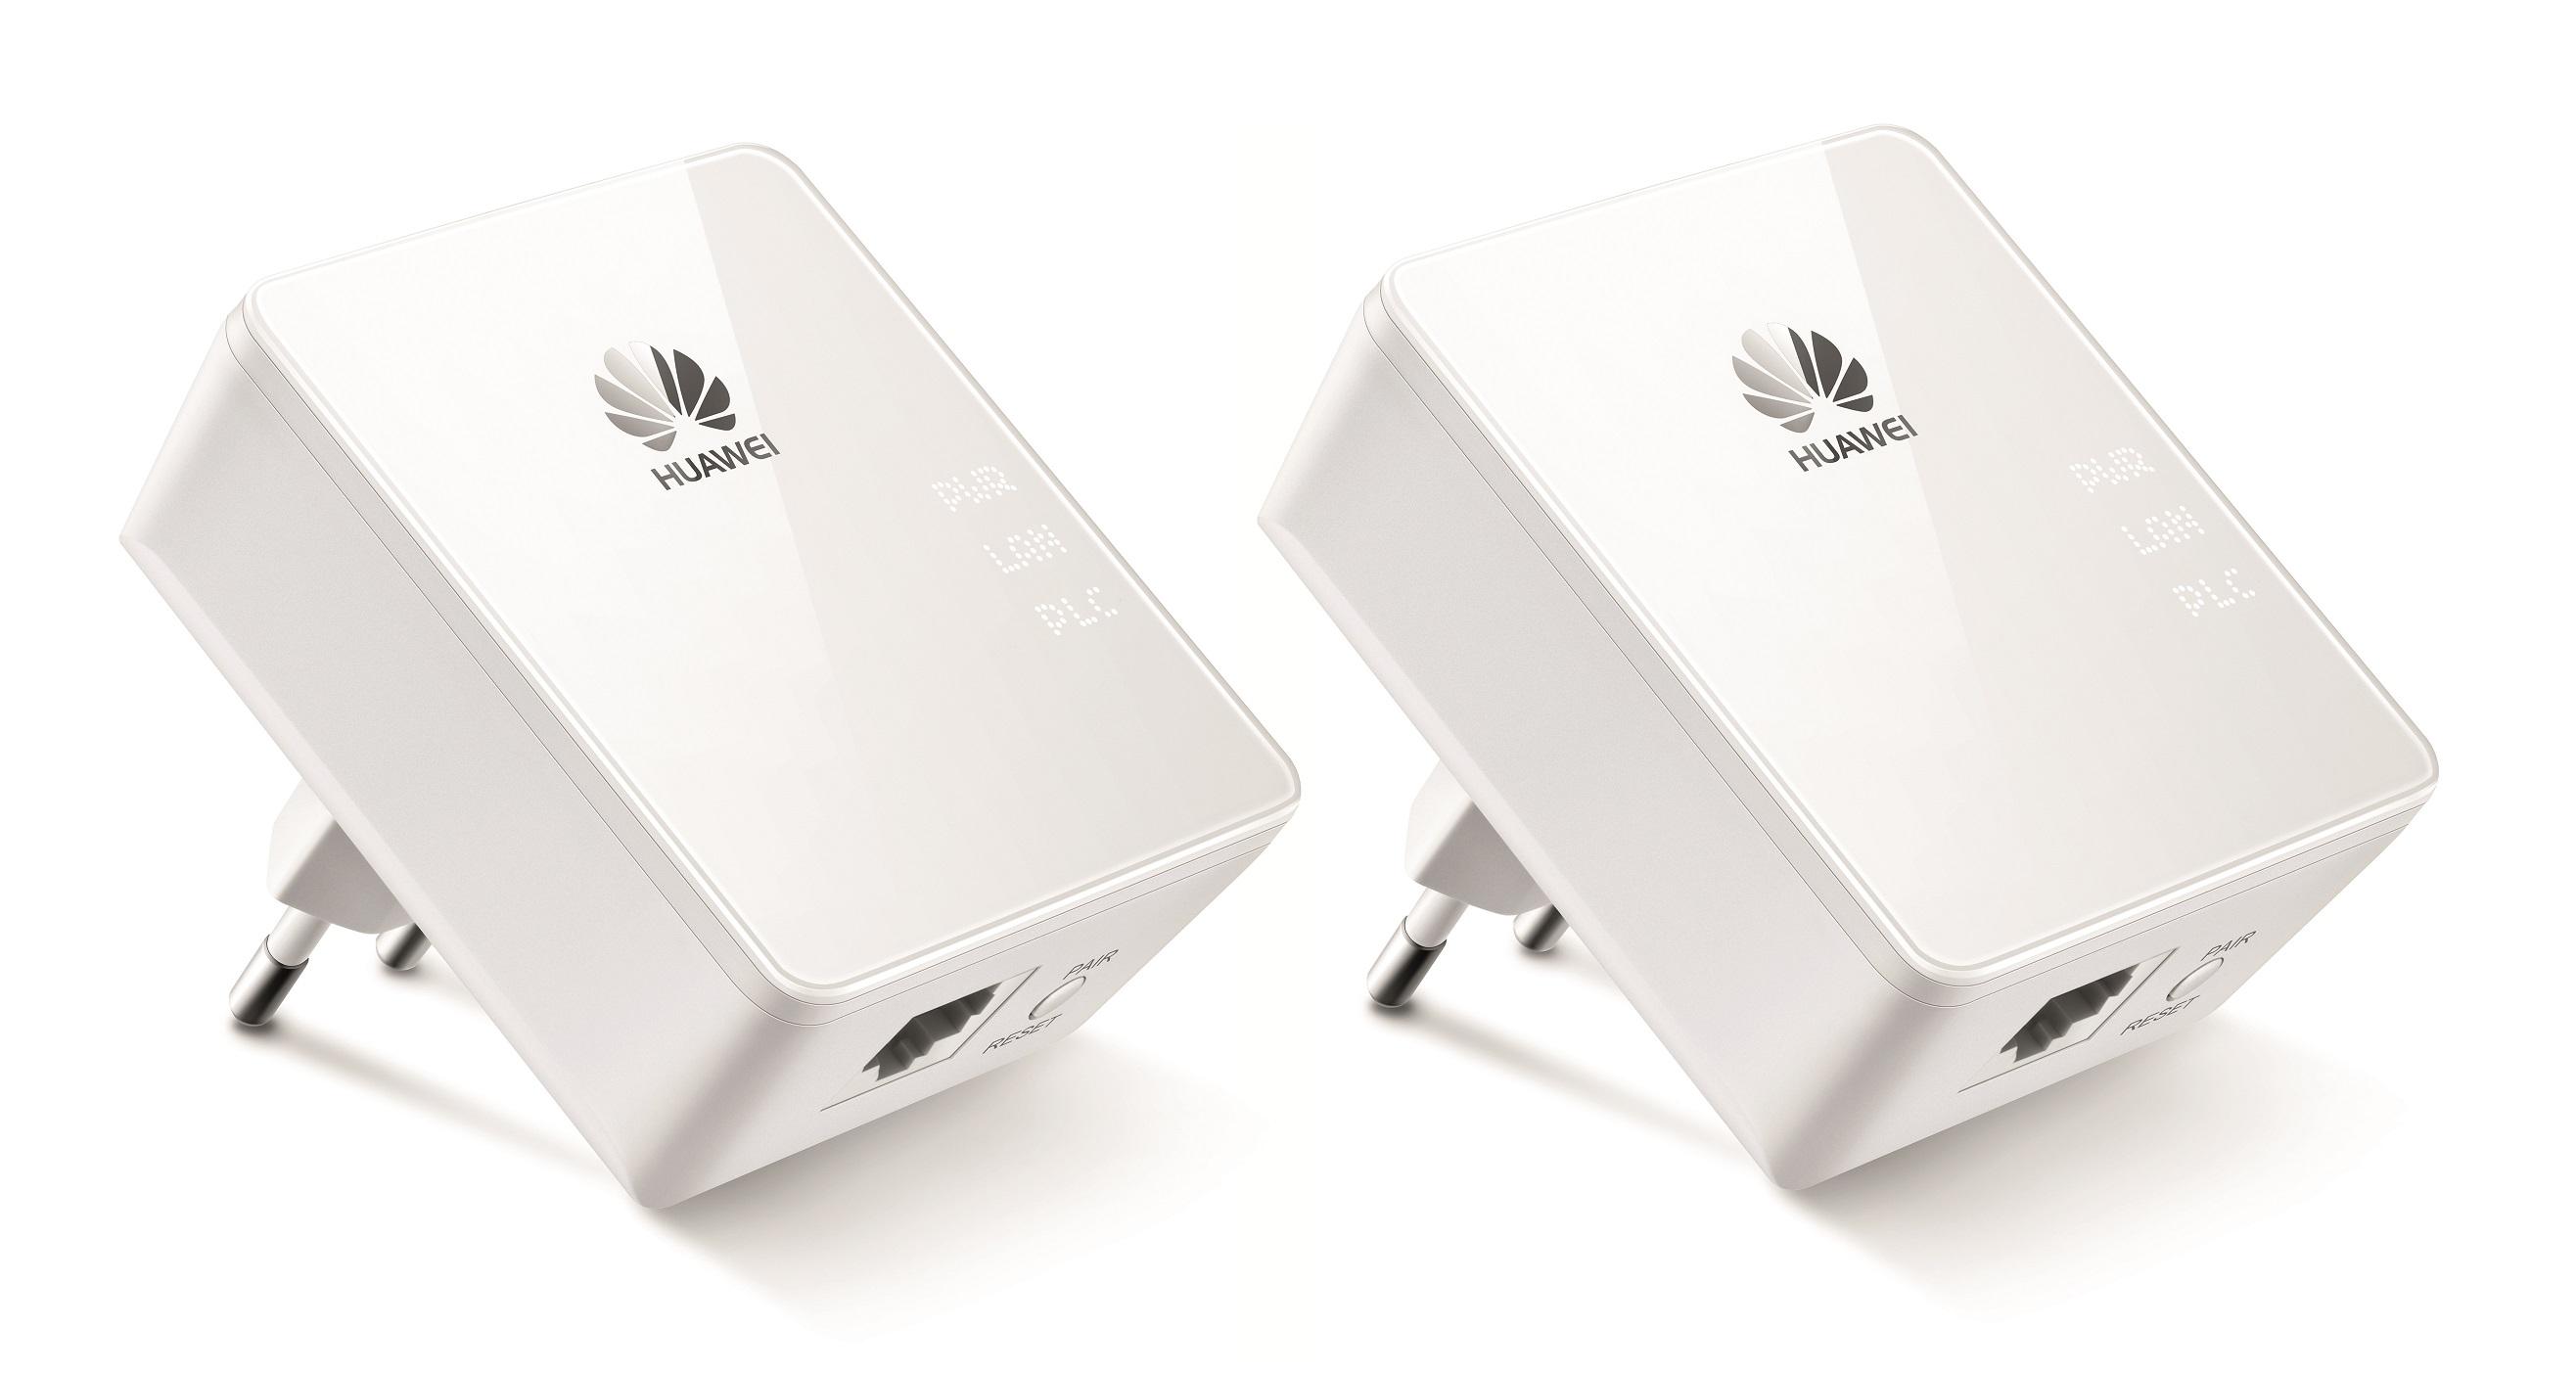 Huawei PT500 HomePlug AV 500Mbit powerline KIT